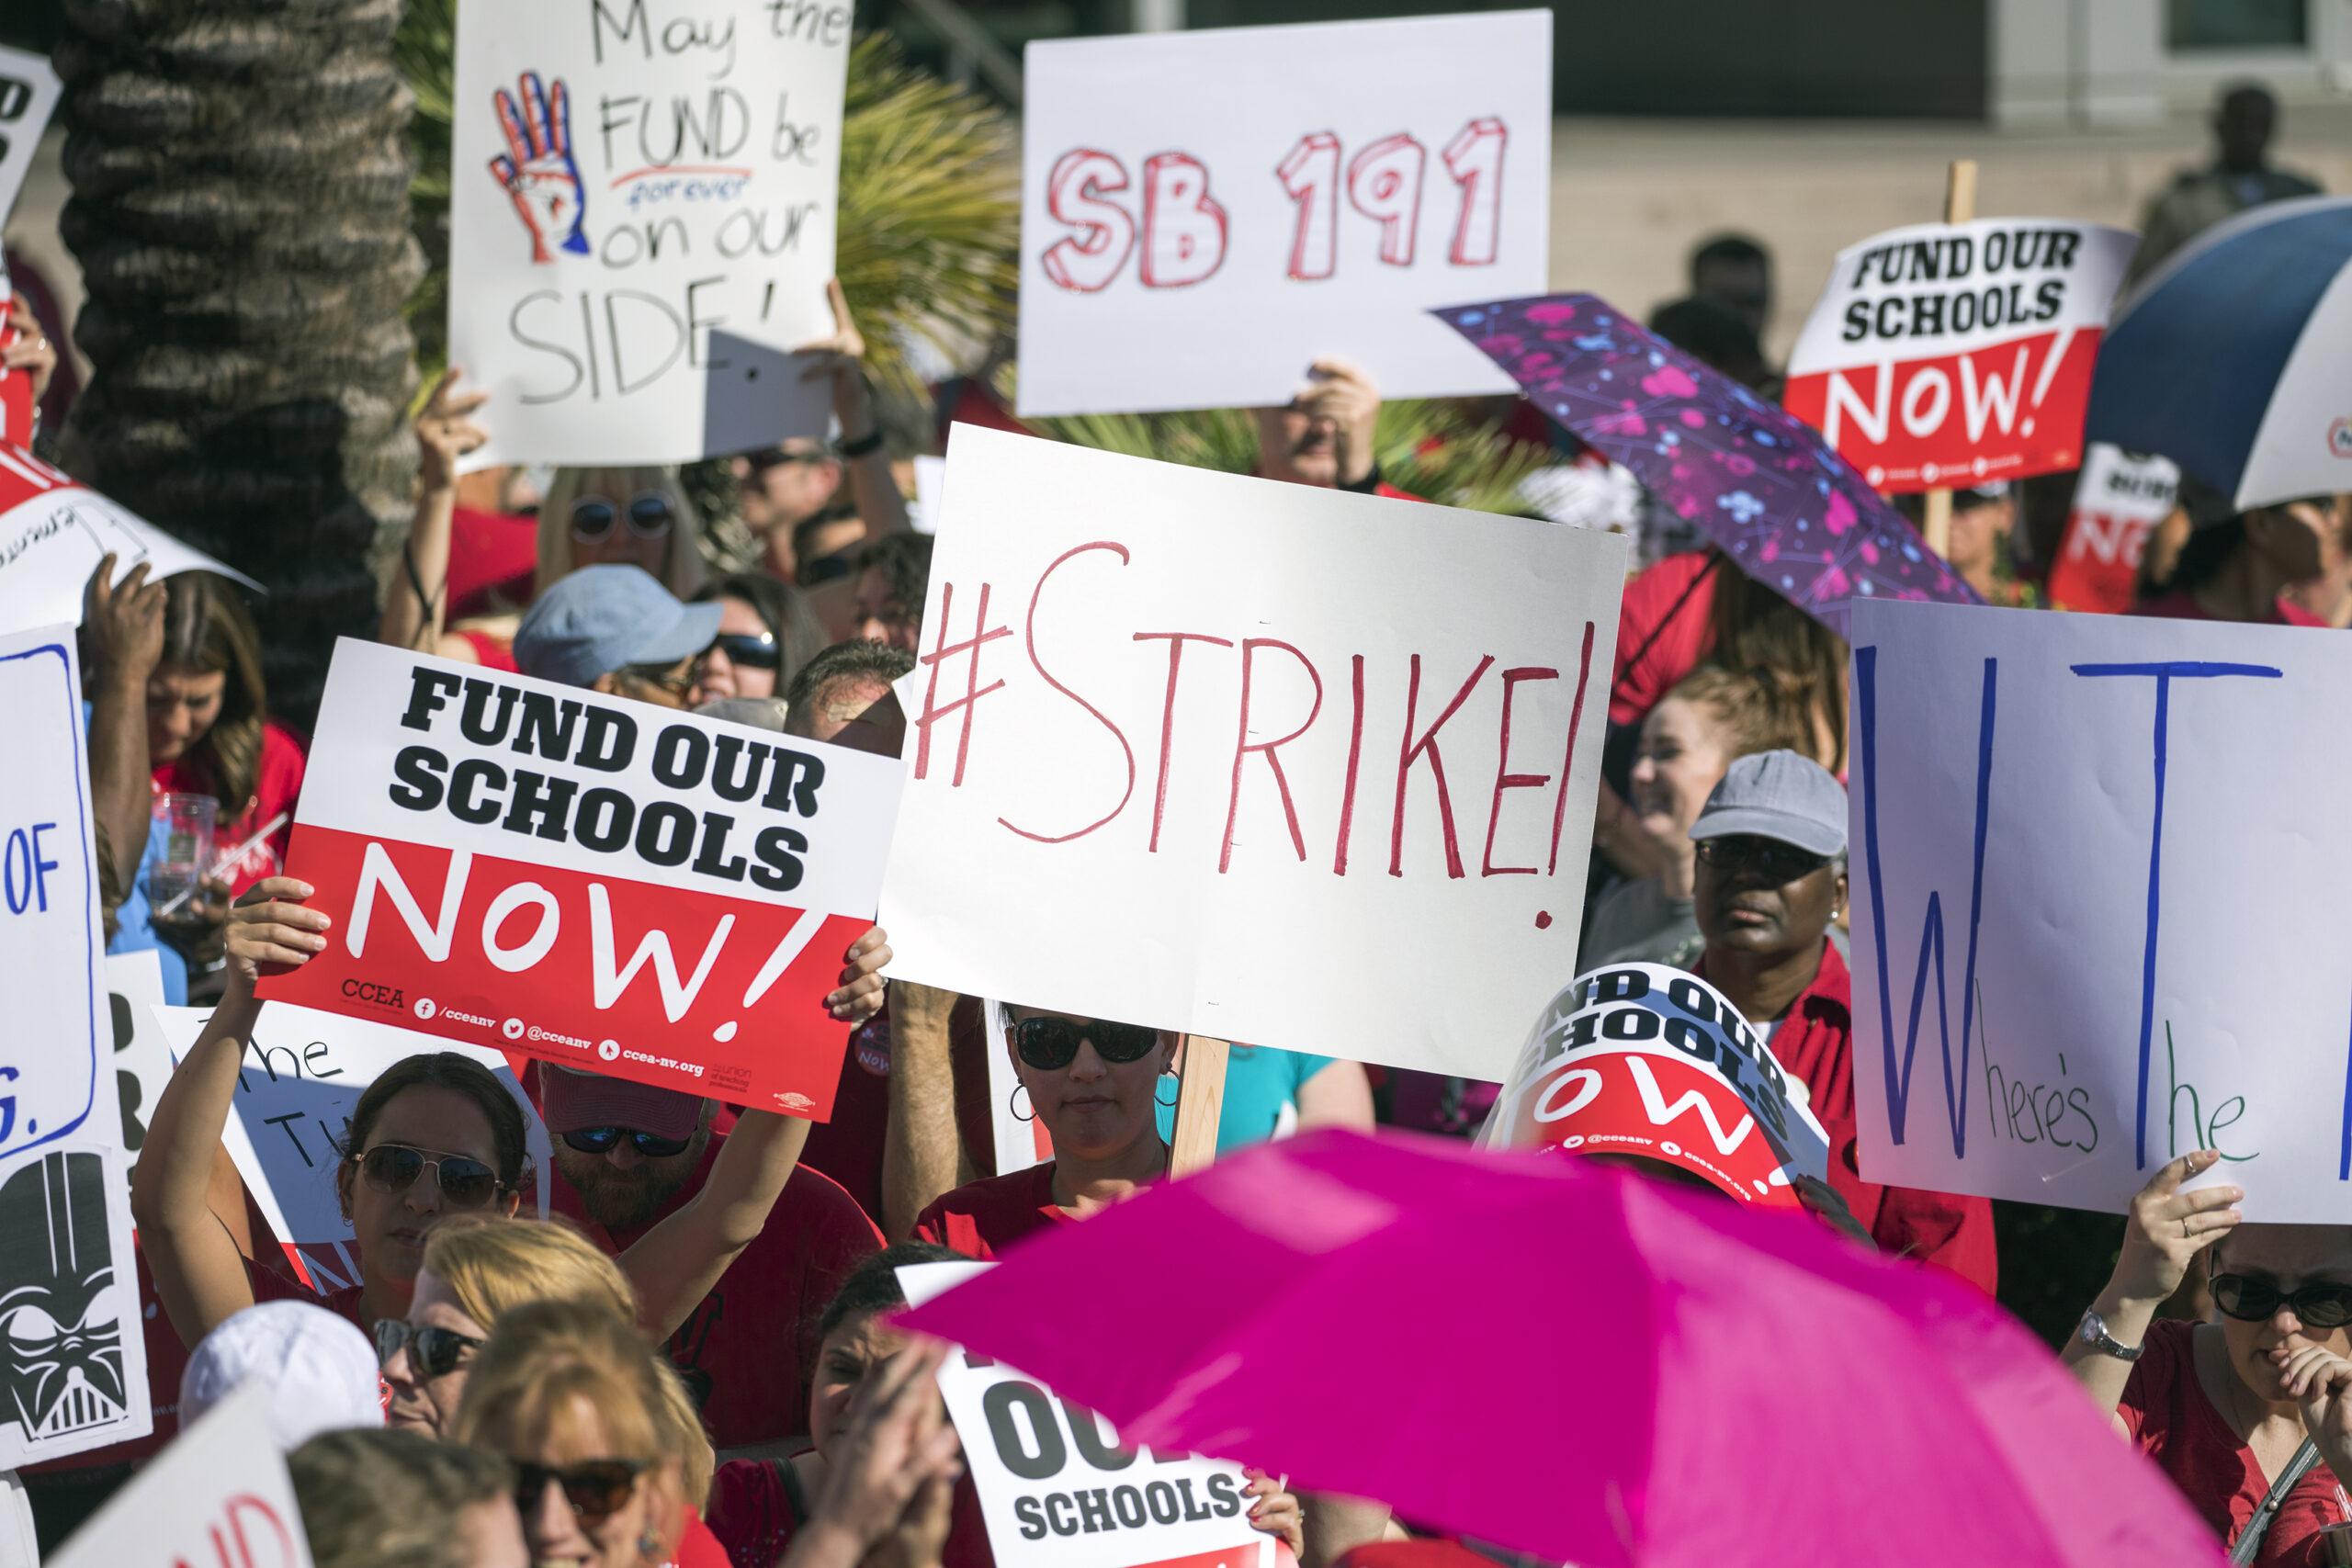 Signs calling for teacher strike